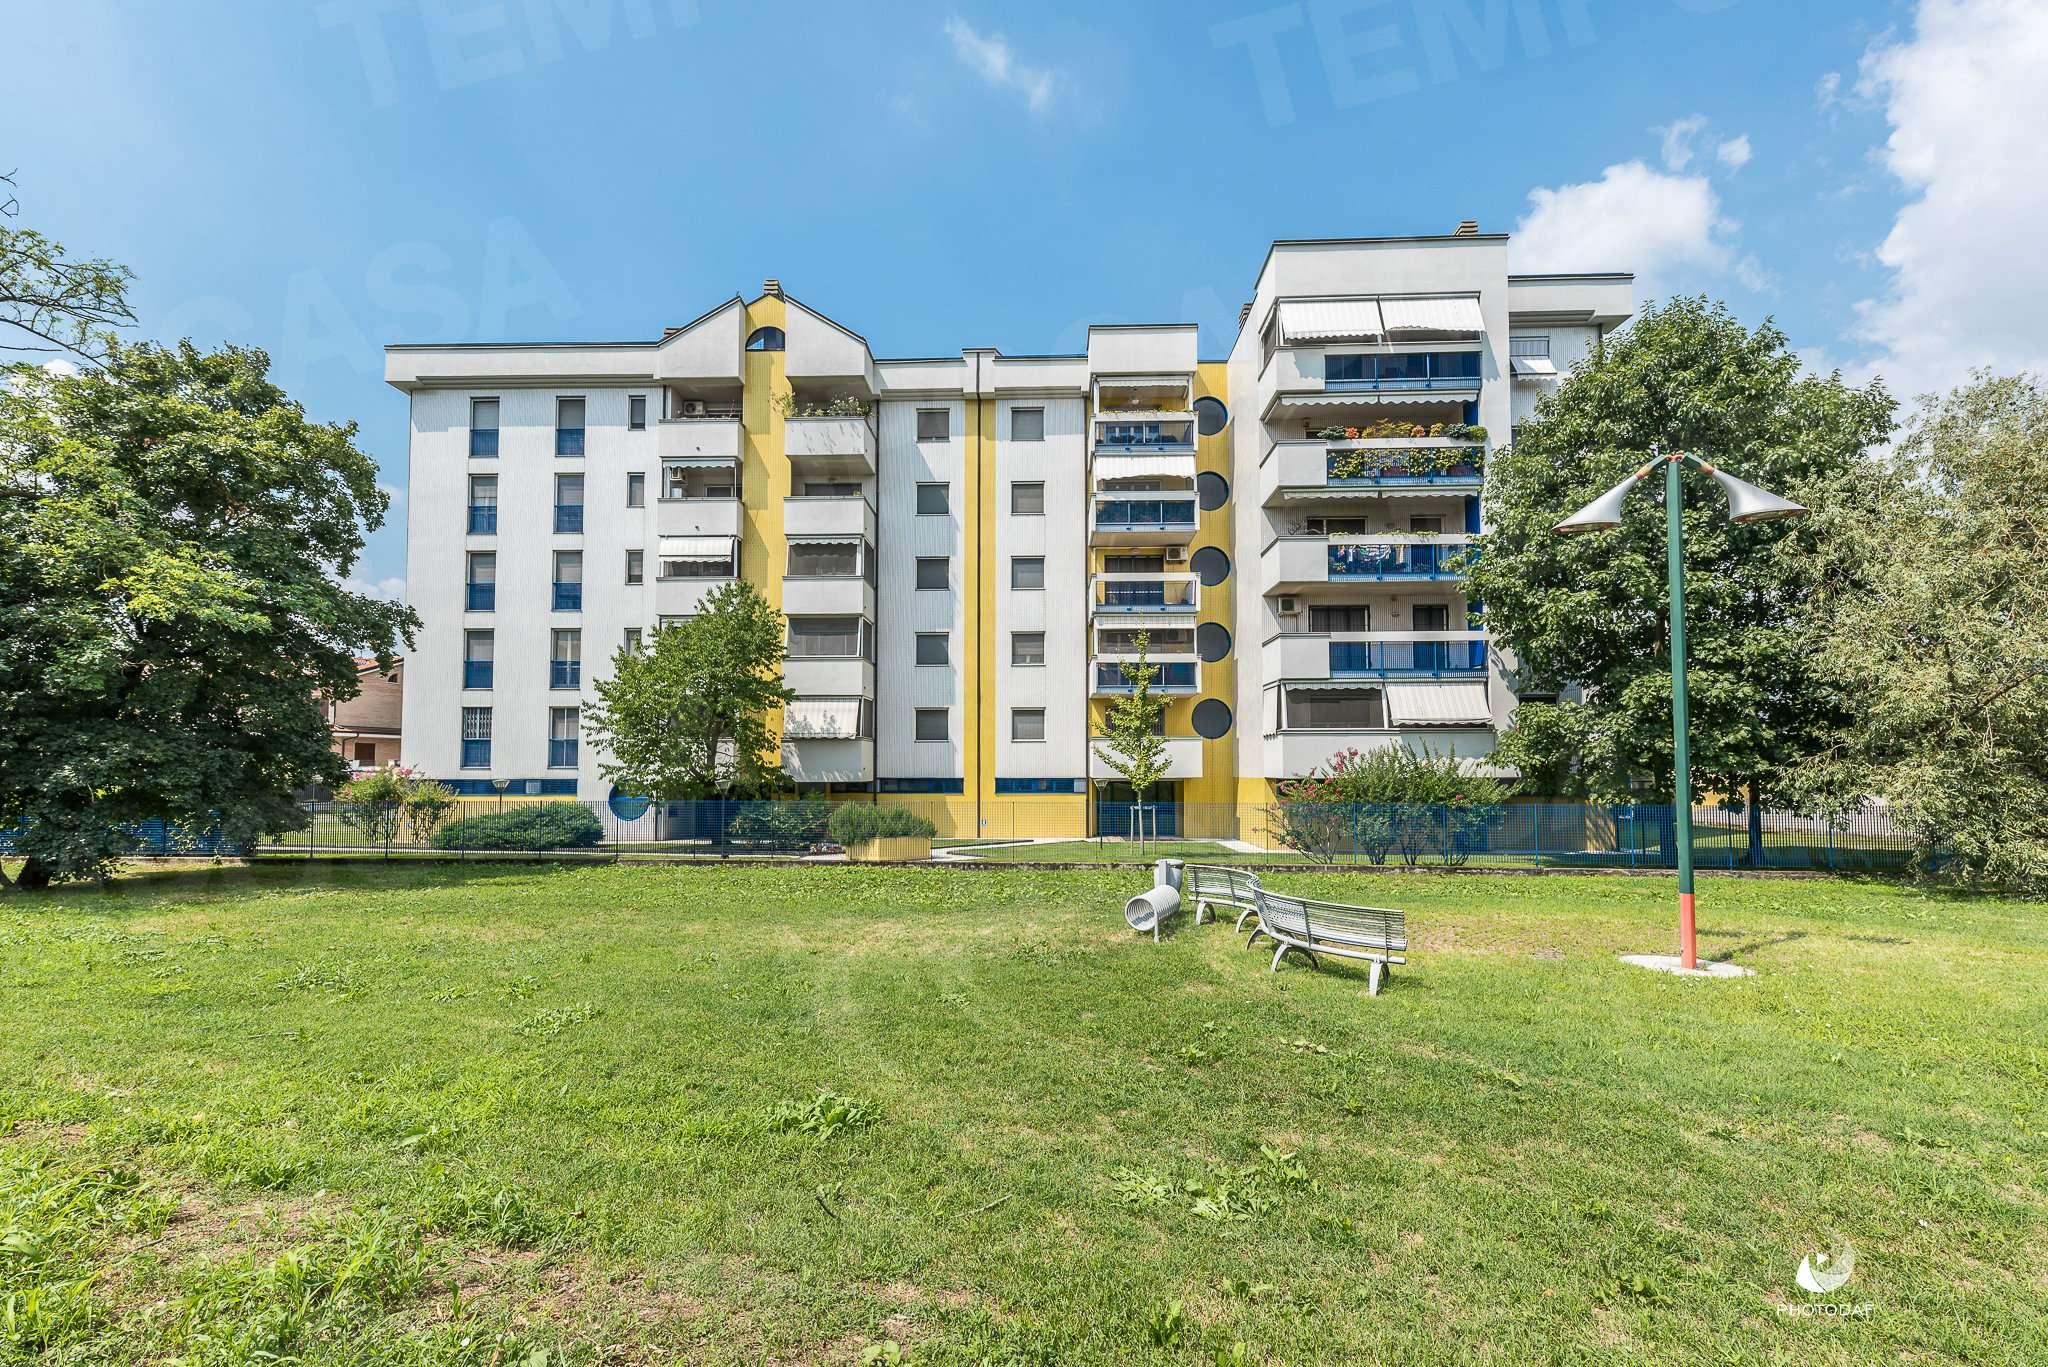 Appartamento ristrutturato in vendita Rif. 7283945